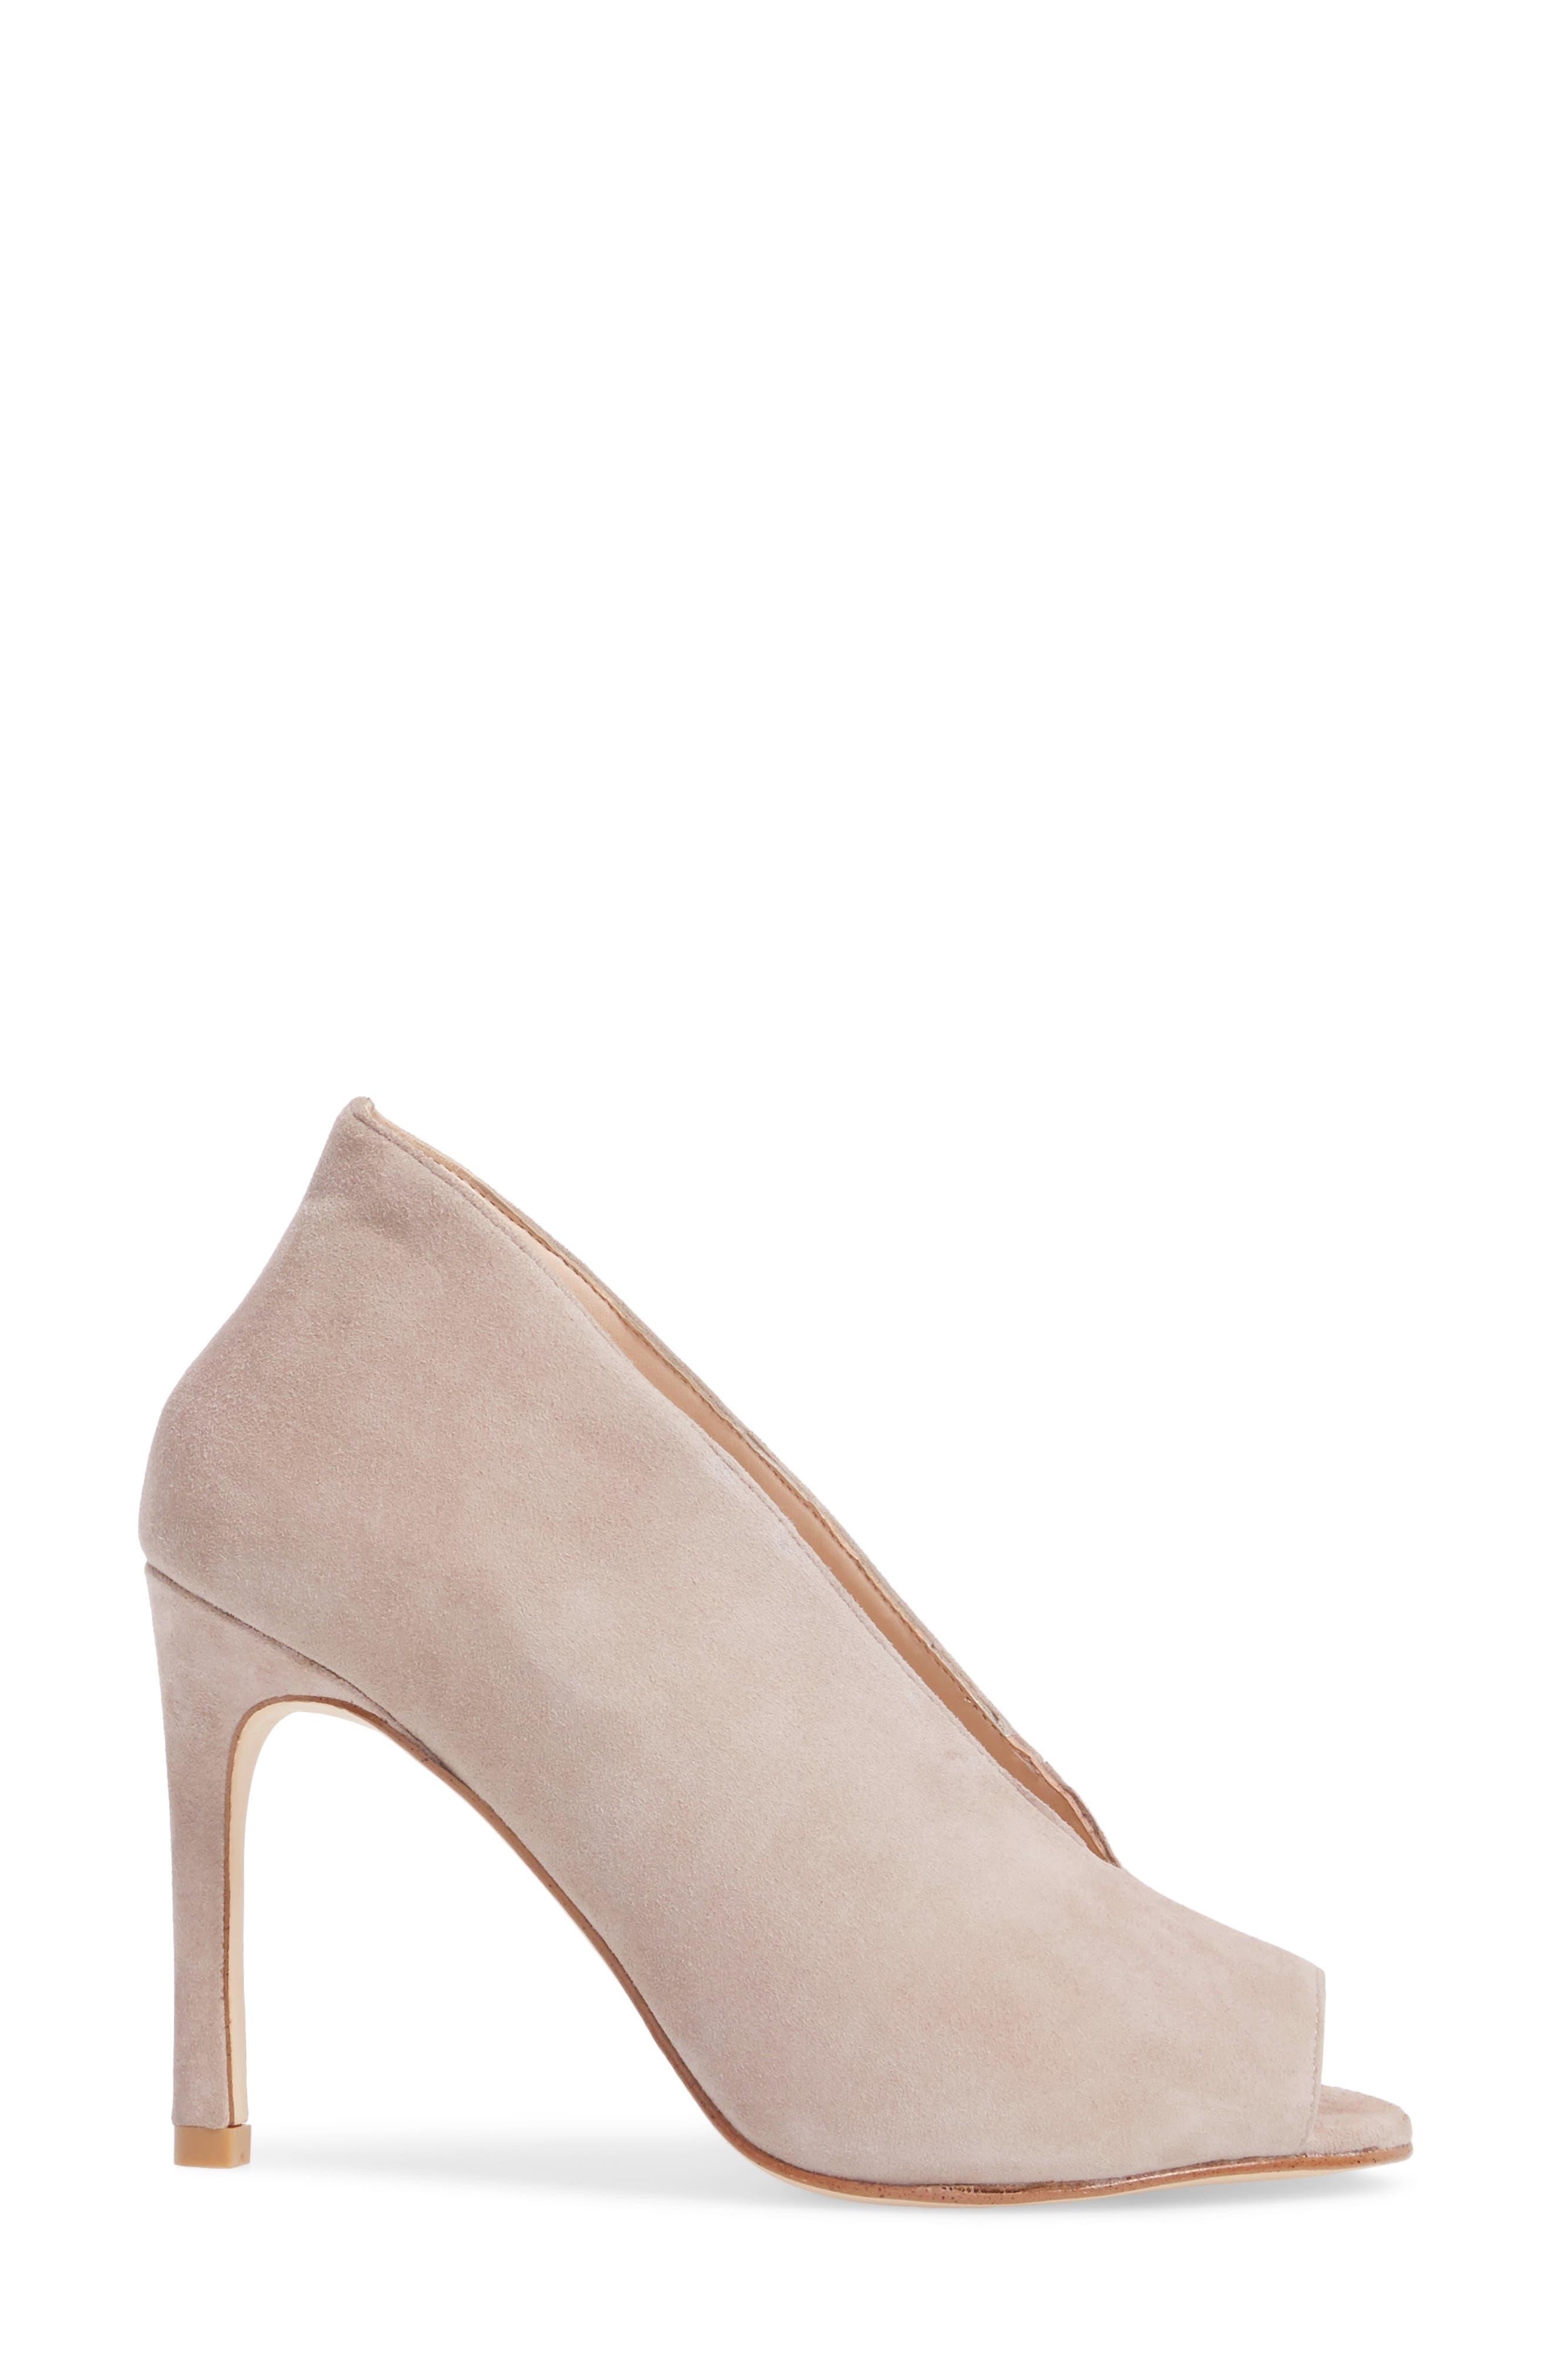 Alternate Image 3  - Pelle Moda Elvia Peep Toe Pump (Women)